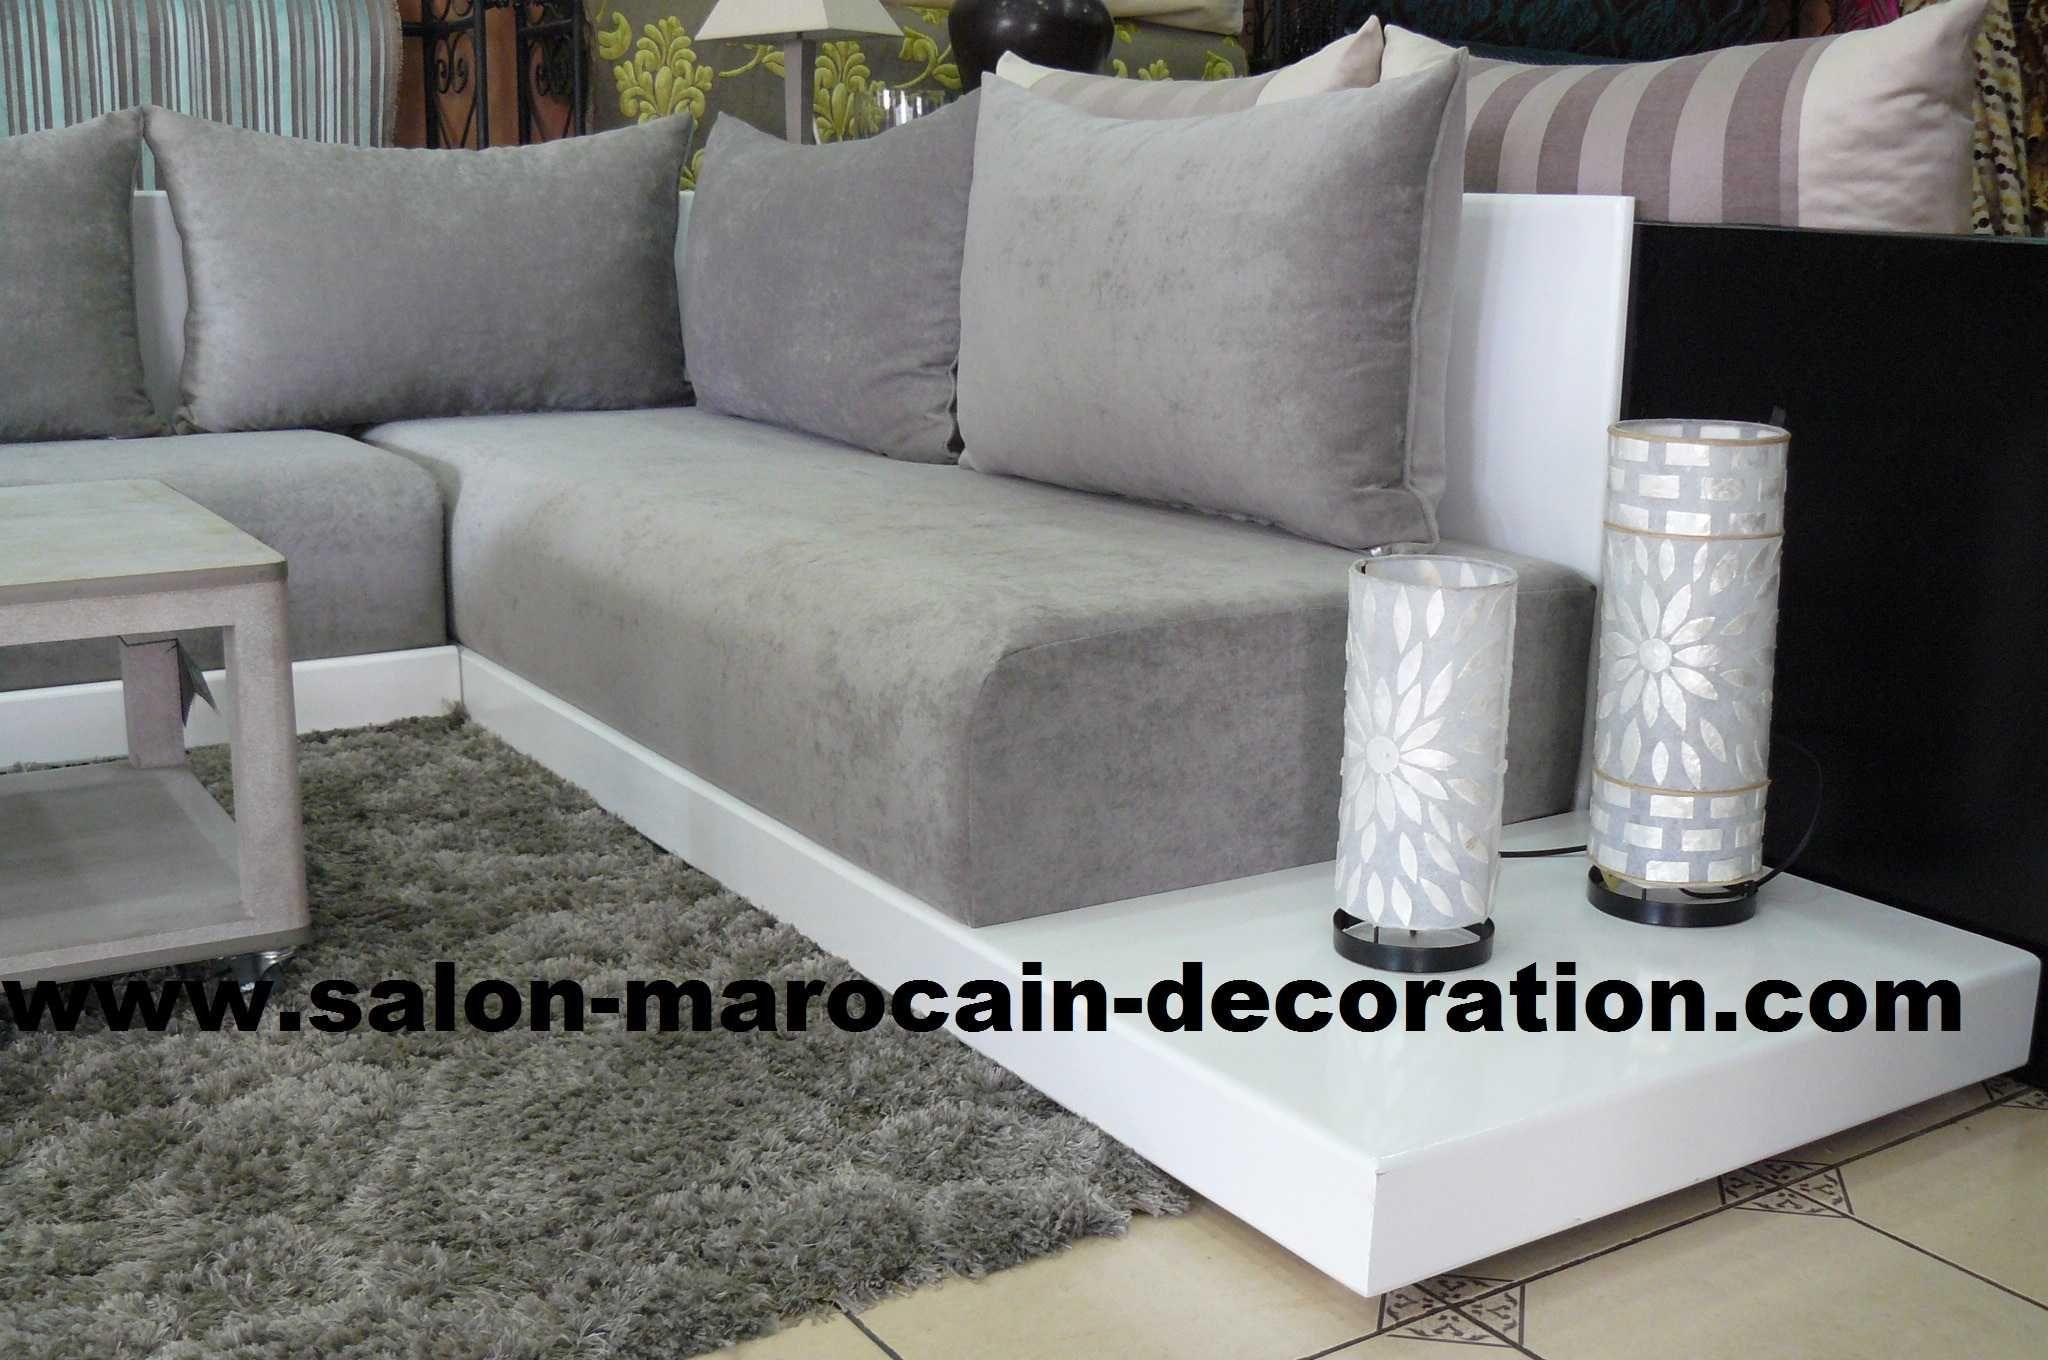 Comment Fabriquer Un Sedari Marocain impressionnant comment fabriquer un salon marocain avec